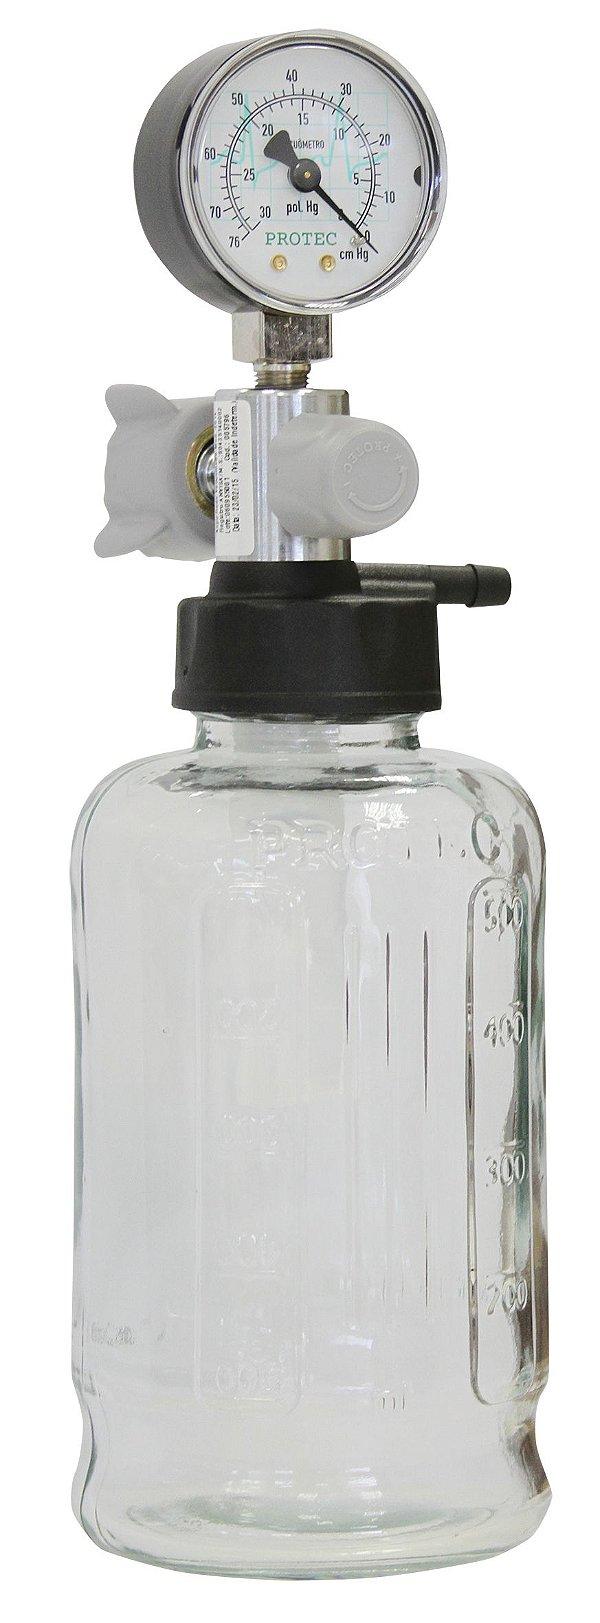 Aspirador Vacuômetro Protec